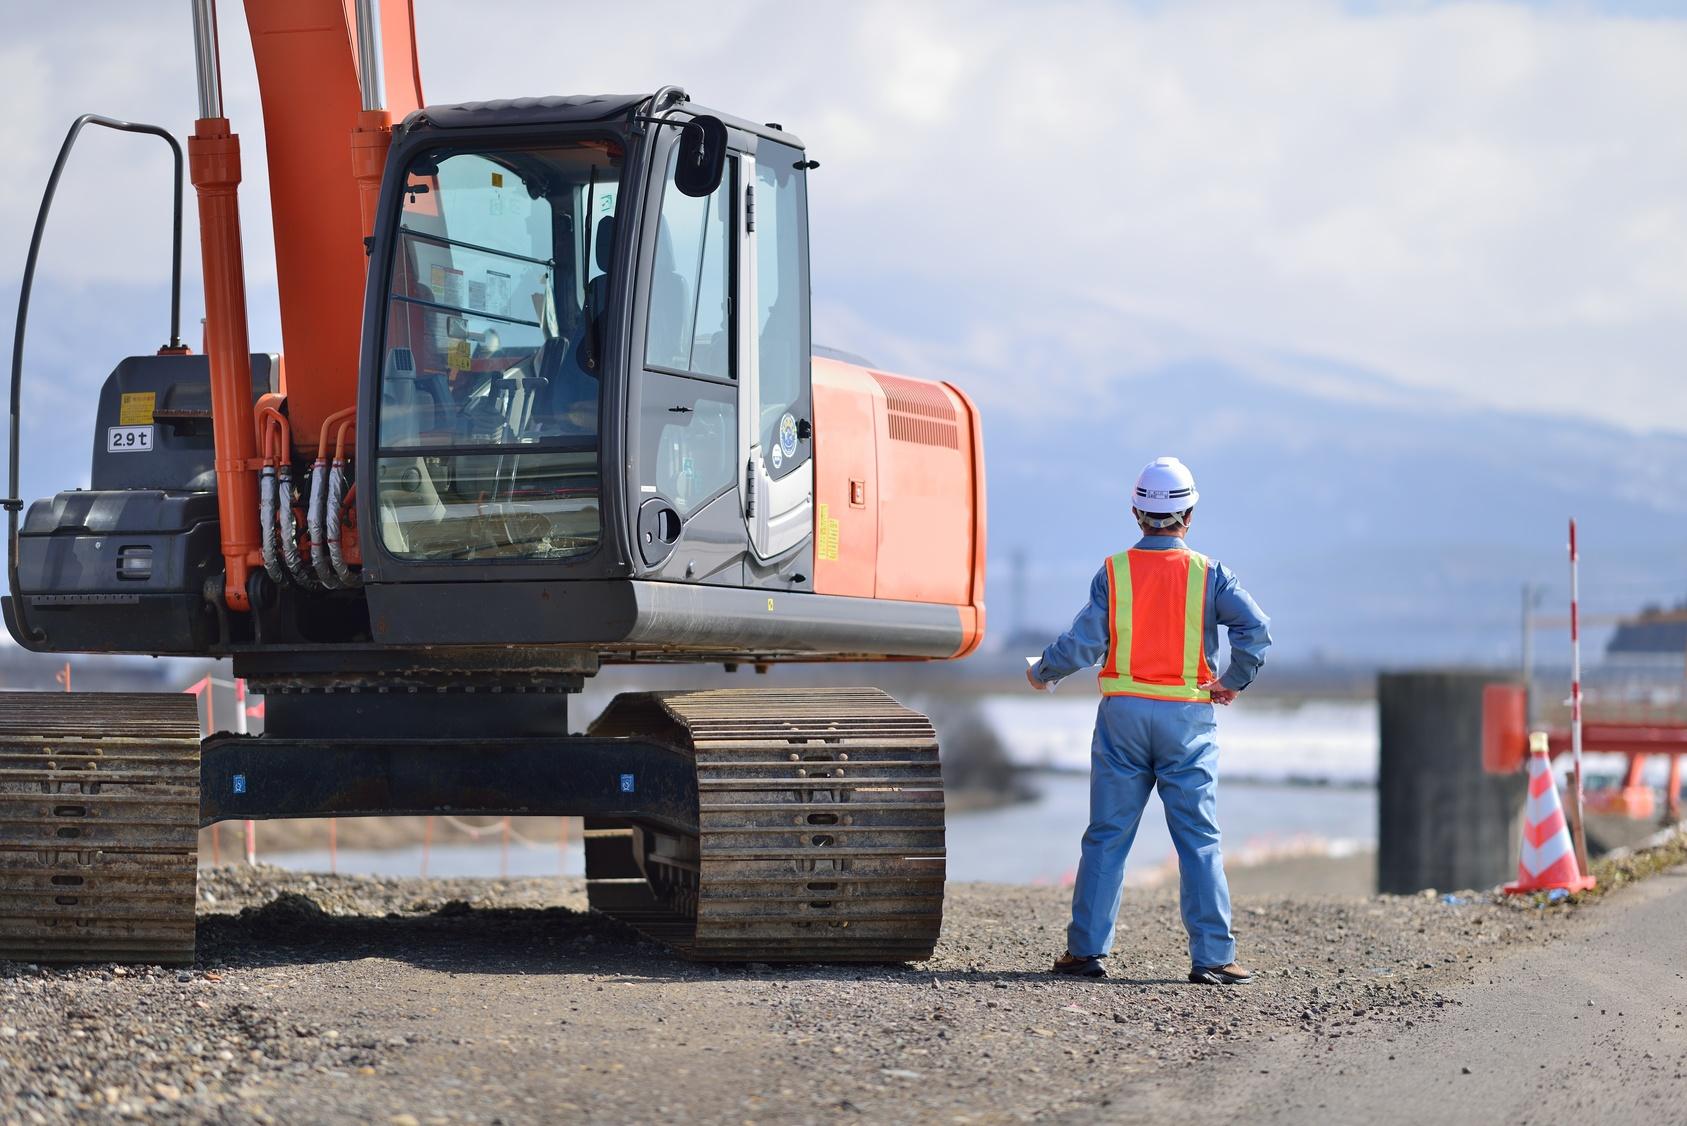 Đơn hàng đặc định lái máy xây dựng tại Fukuoka lương đến 19 man